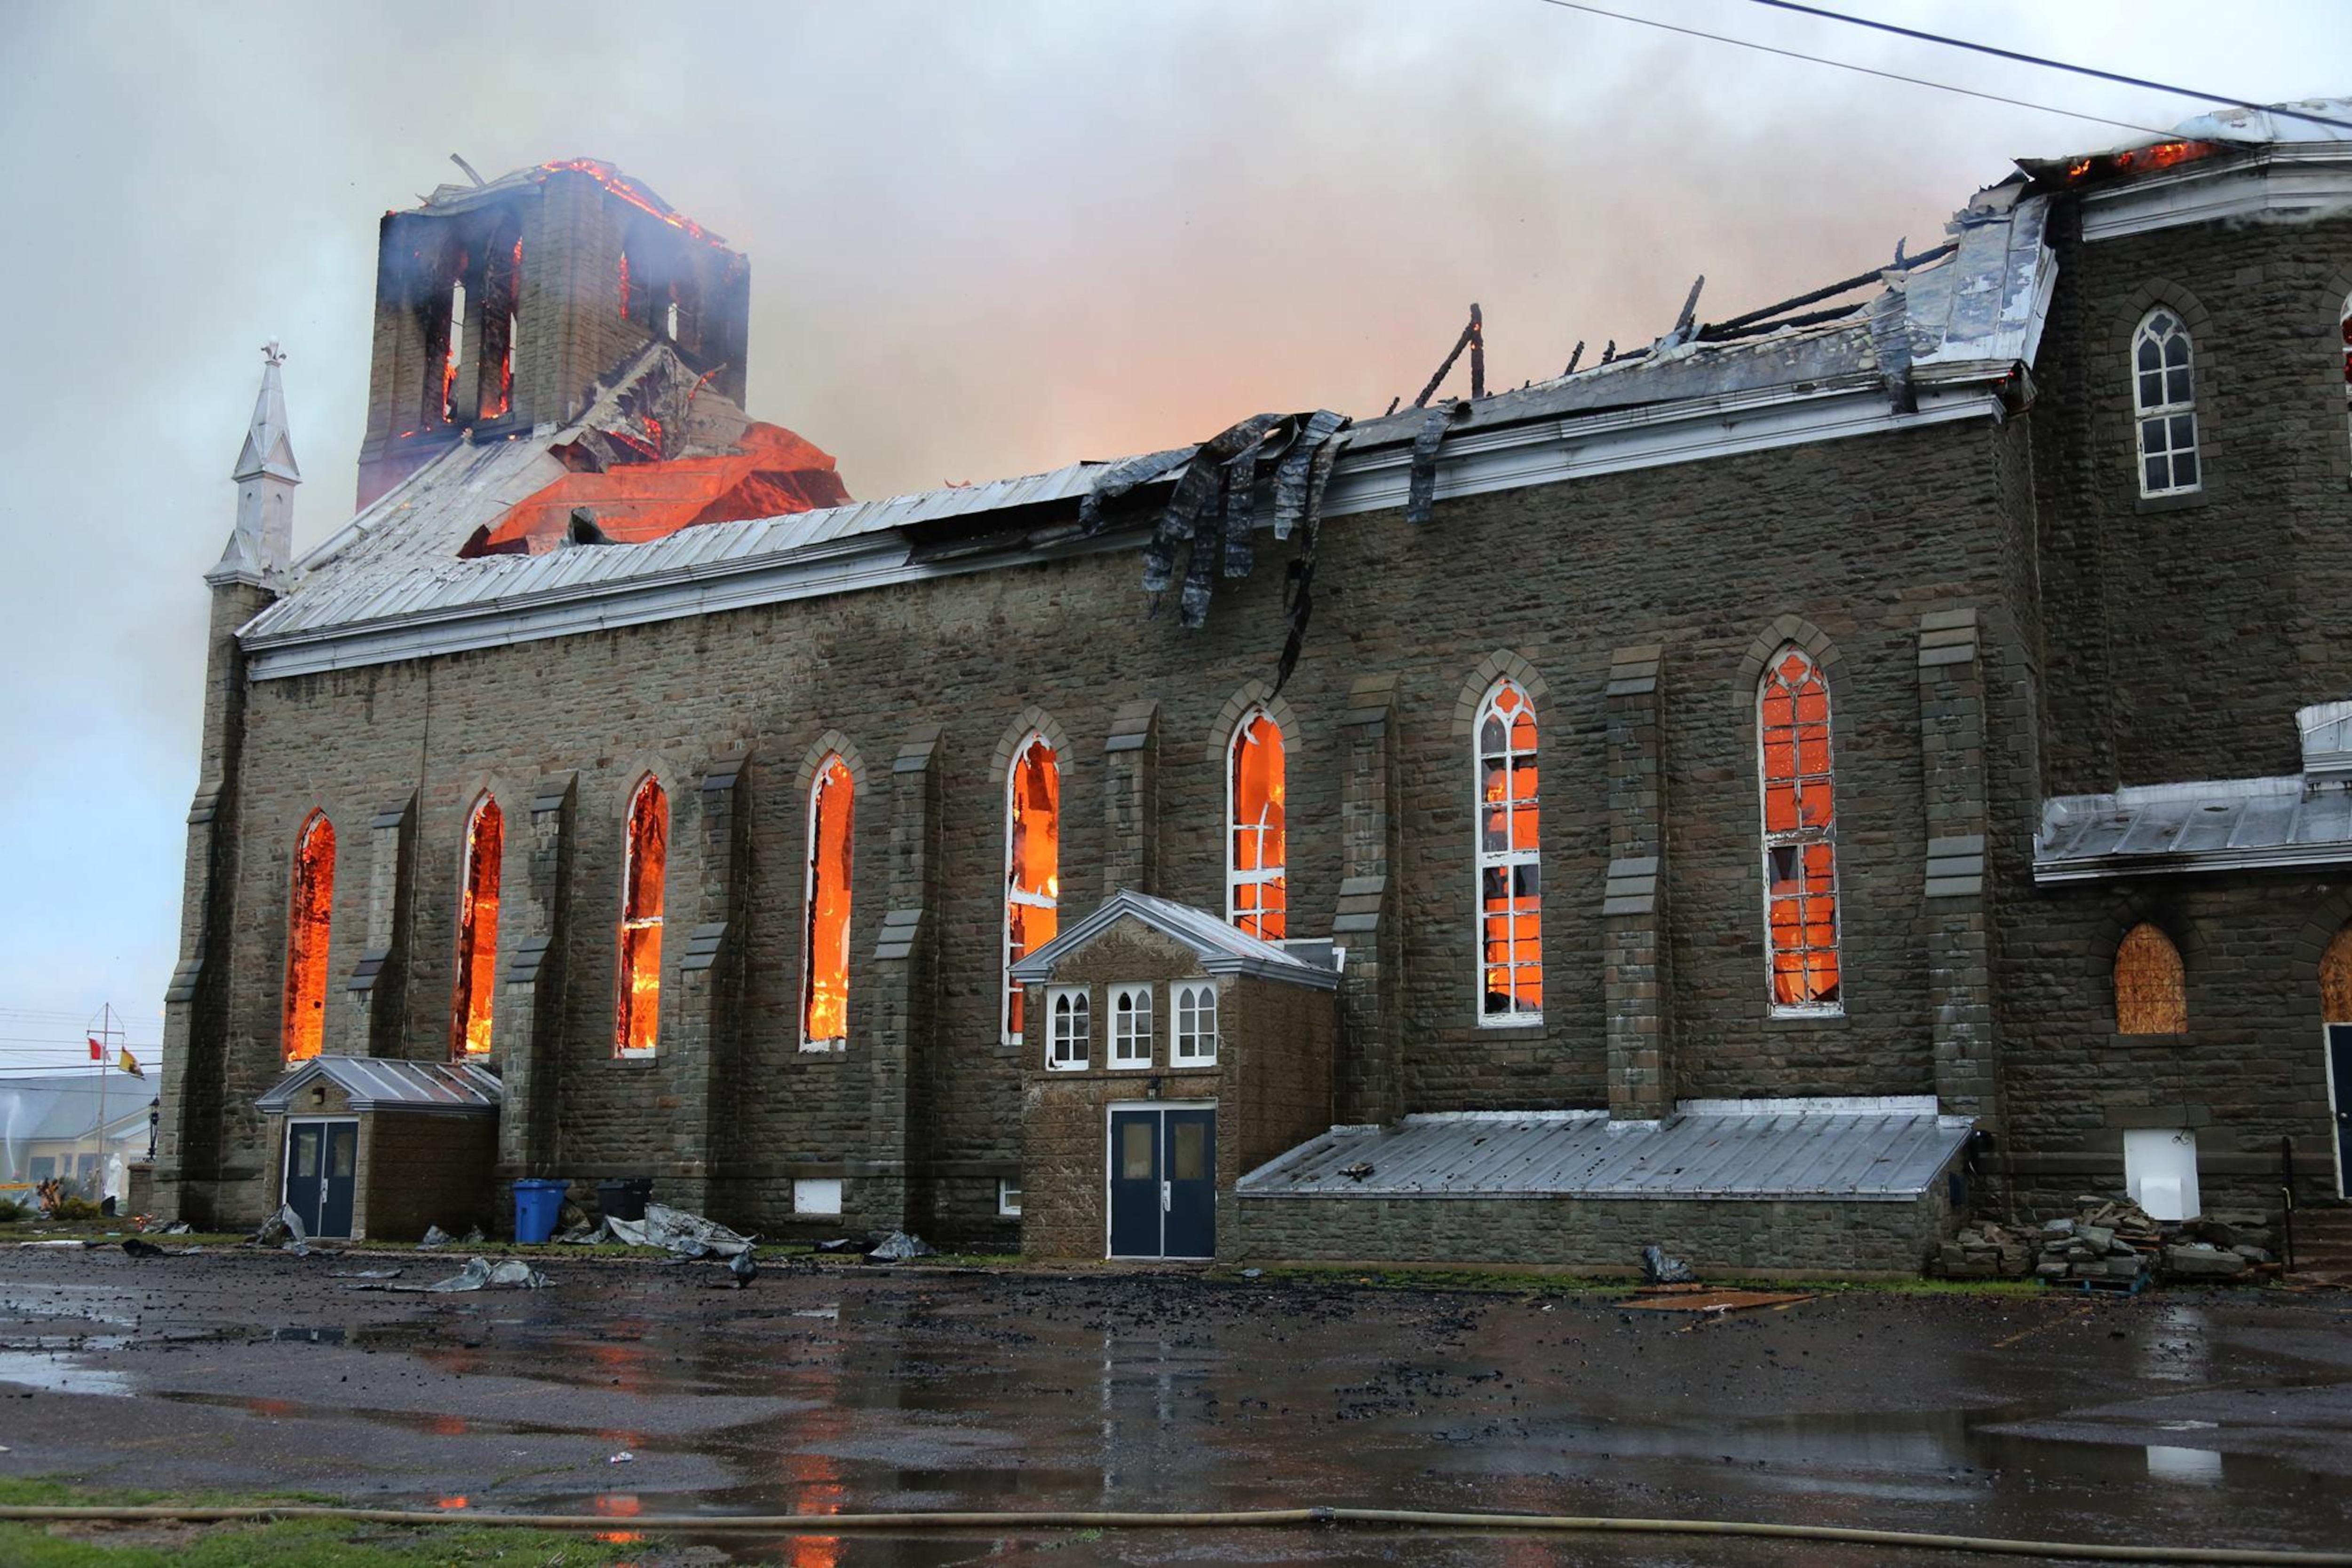 La lueur des flammes éclaire l'intérieur de l'église en ruines